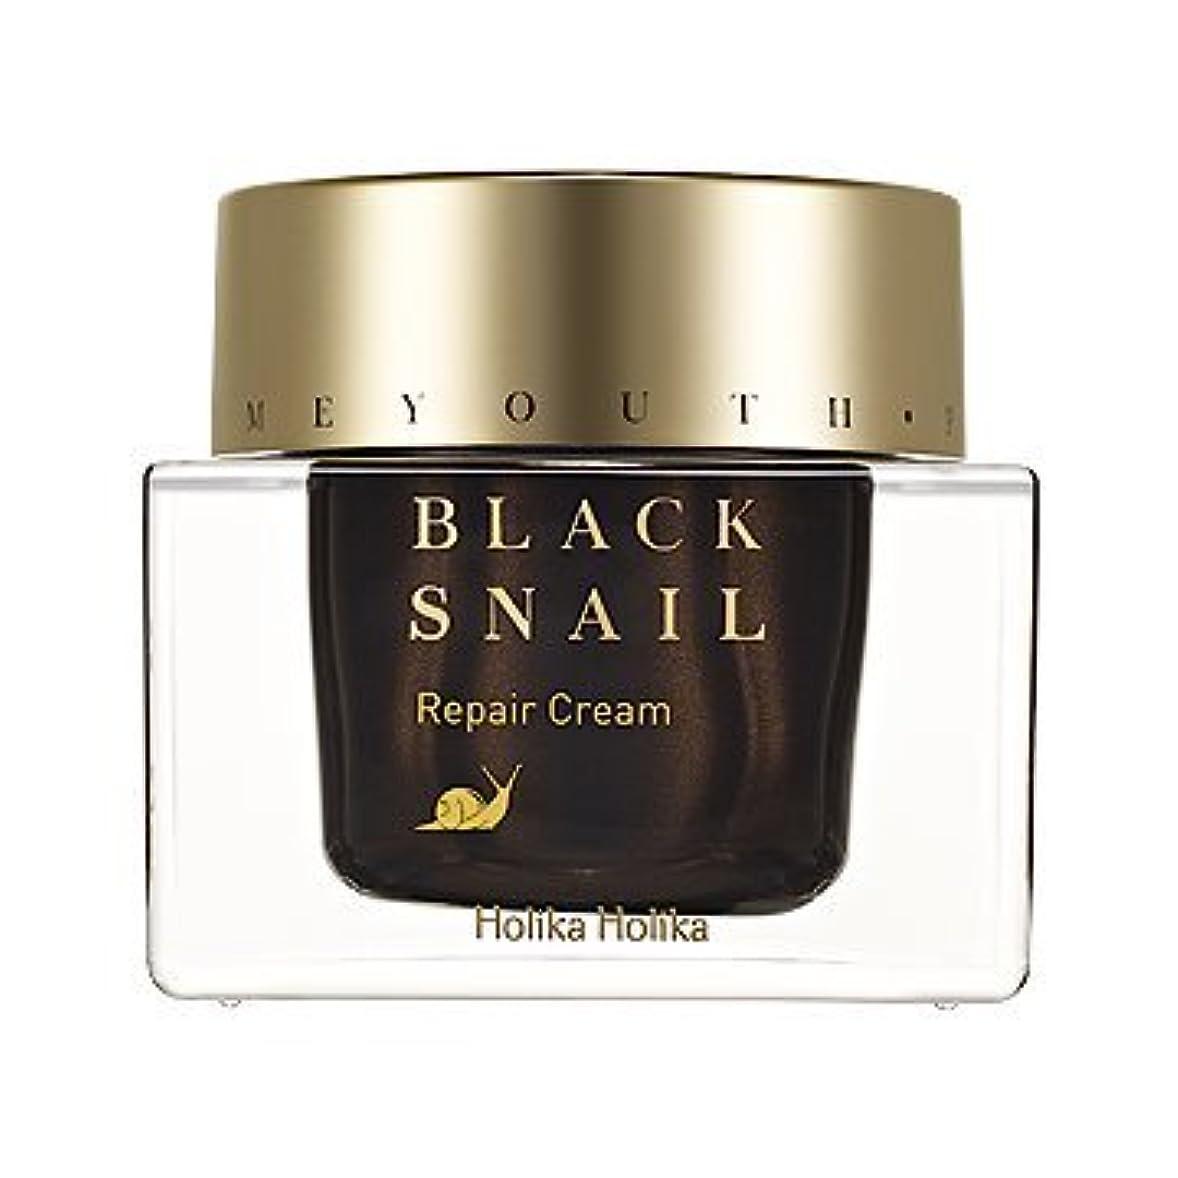 予知快いストレージHolikaHolika(ホリカホリカ) Prime Youth Black Snail Repair Cream プライムユースブラックスネイルクリーム カタツムリ エスカルゴ [並行輸入品]